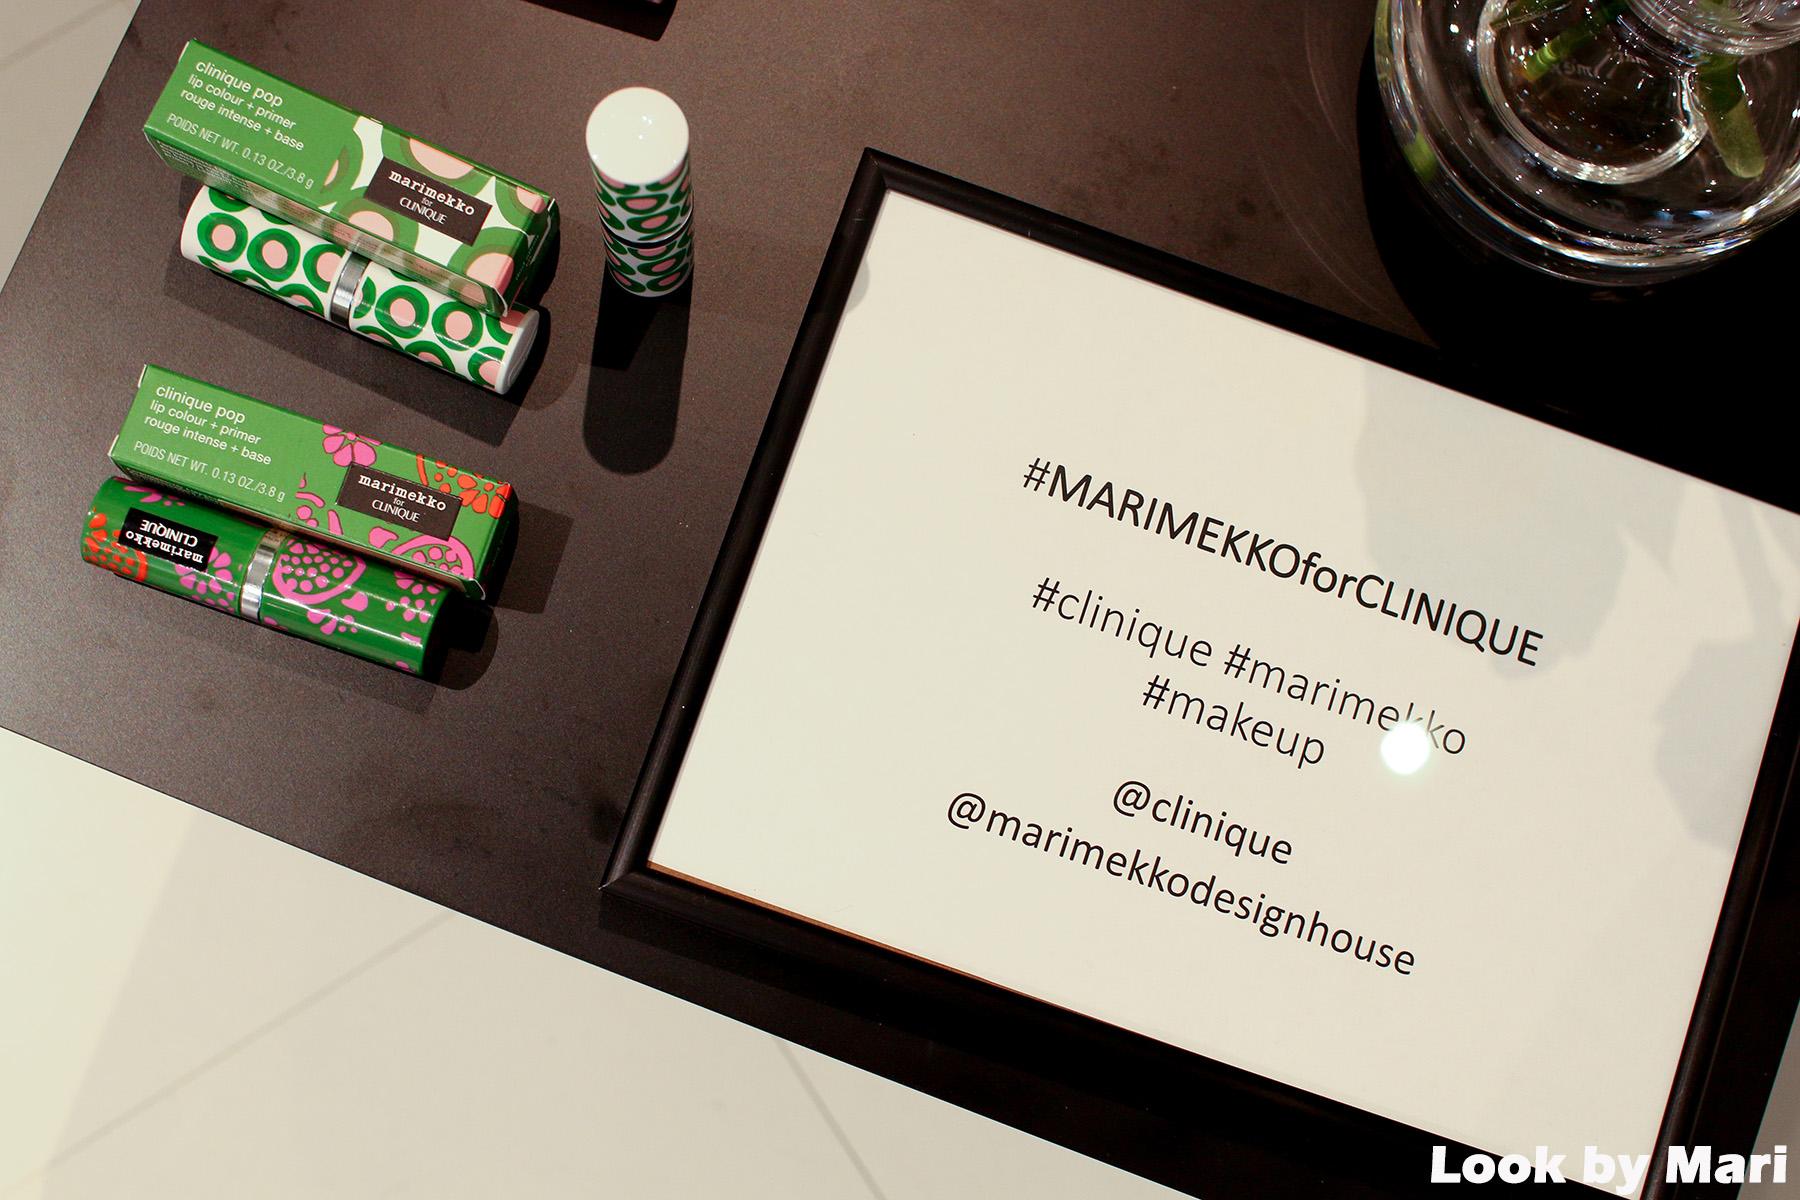 8 marimekko for clinique tuotteet sävyt värit blogi stockmann-2